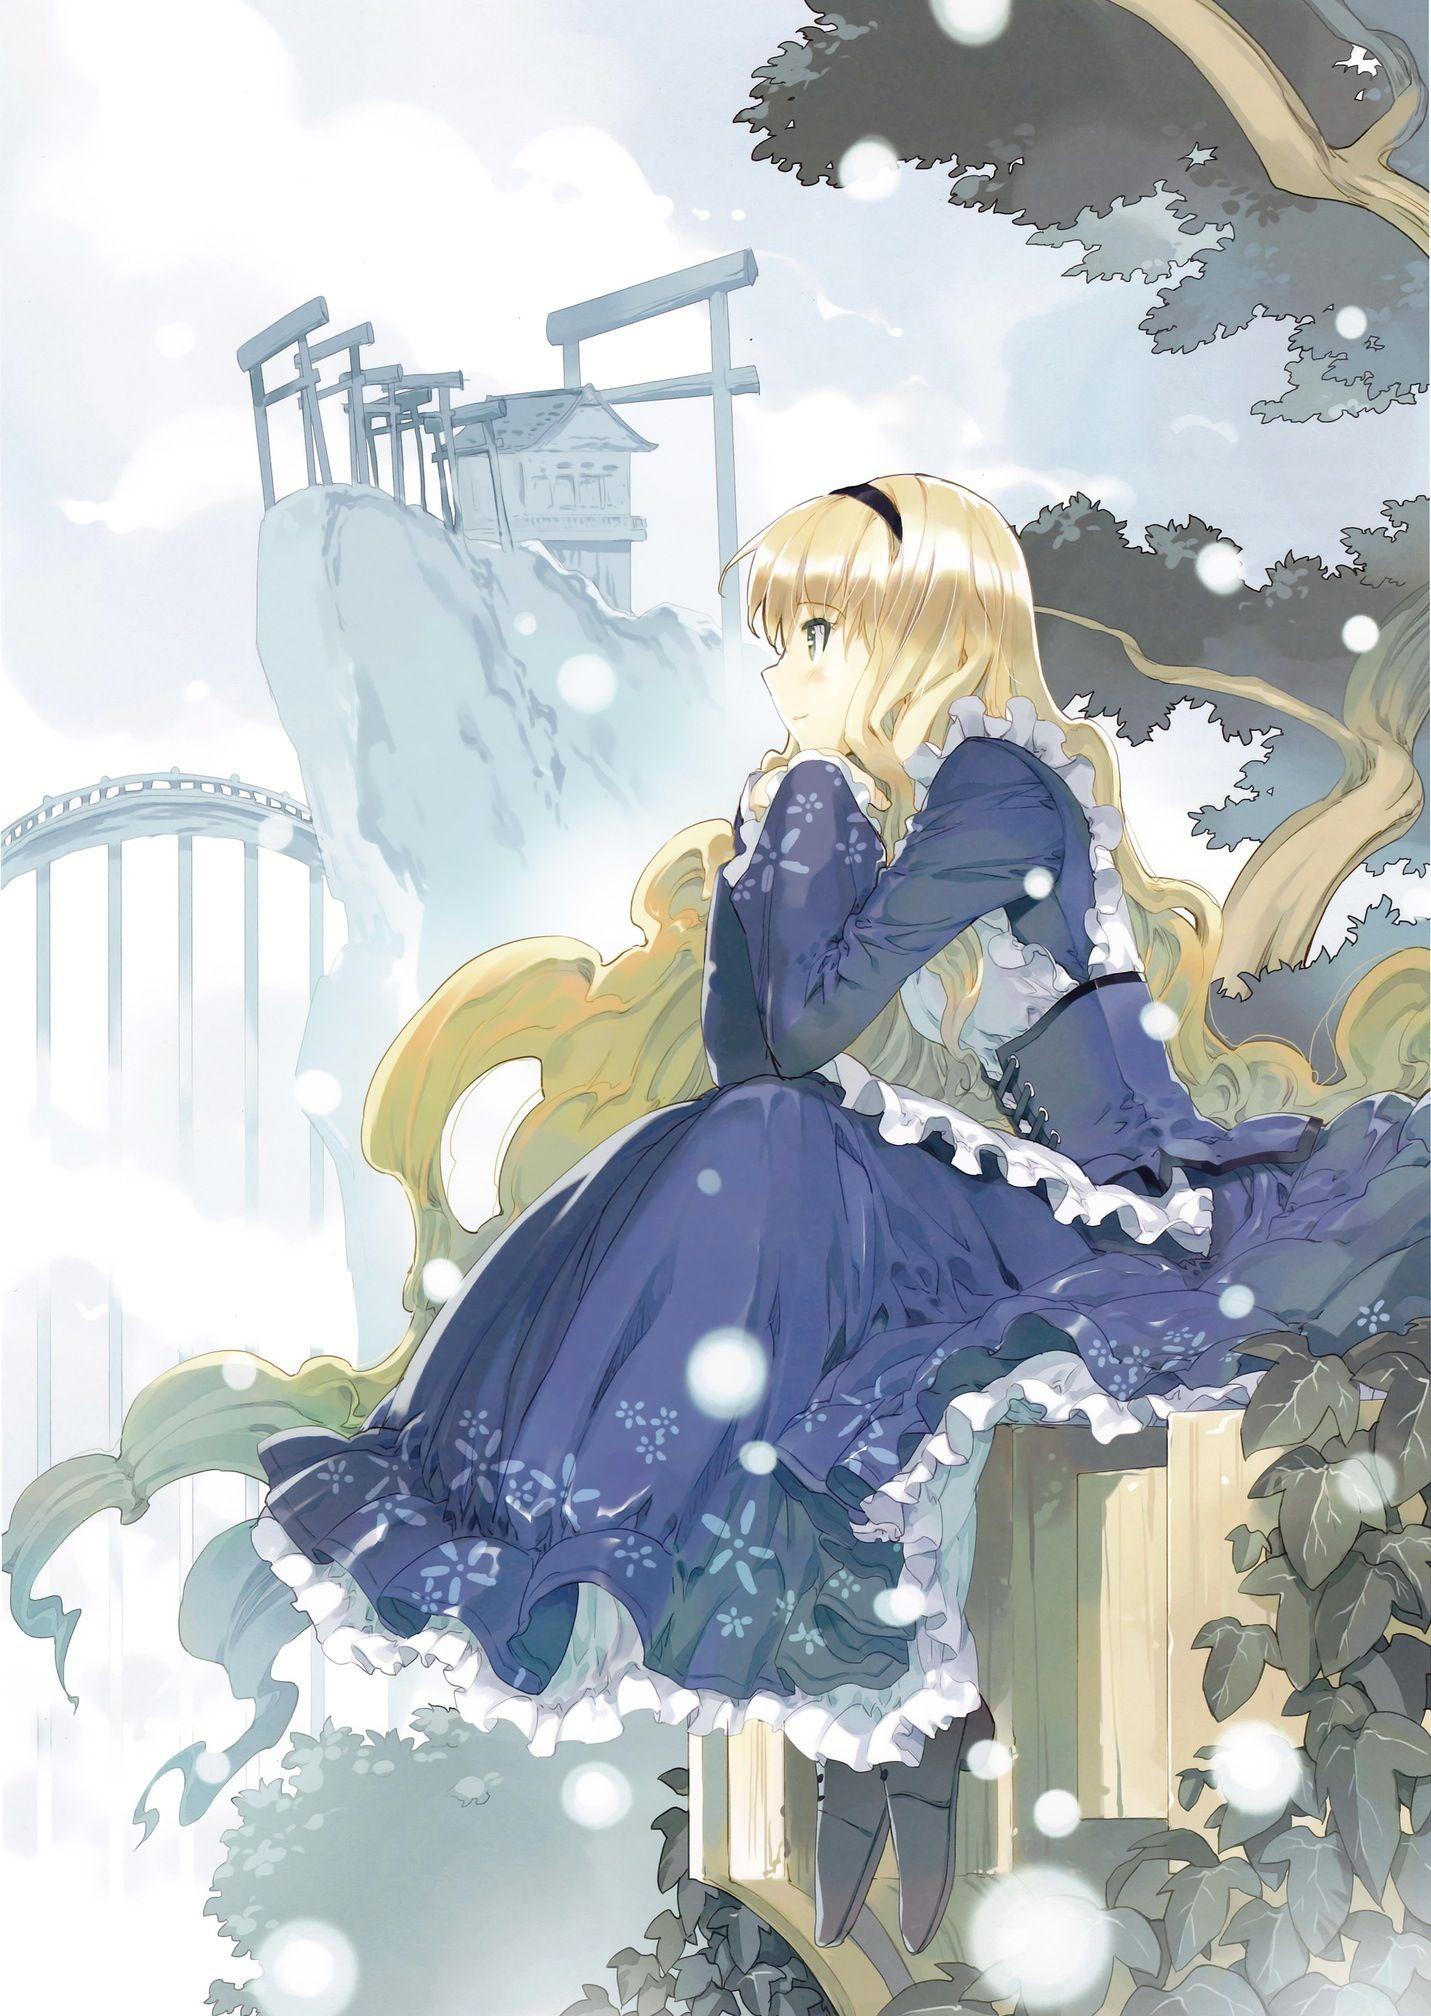 Pin by Ramiro Bojorquez II on Anime Anime, Adventures in